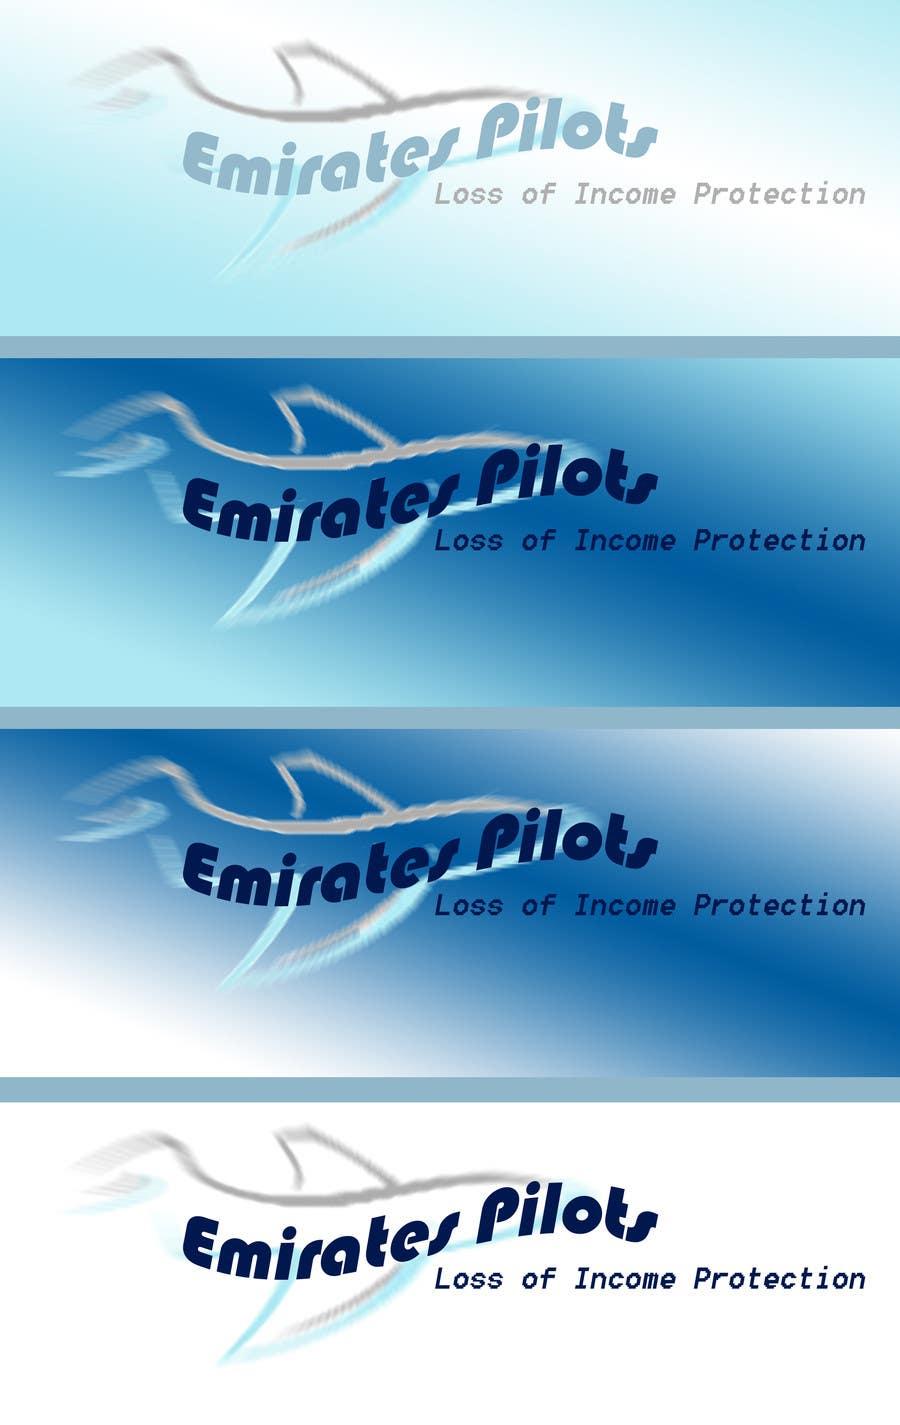 Inscrição nº 235 do Concurso para Logo Design for Emirates Pilots Loss of Income Protection (LIPS)